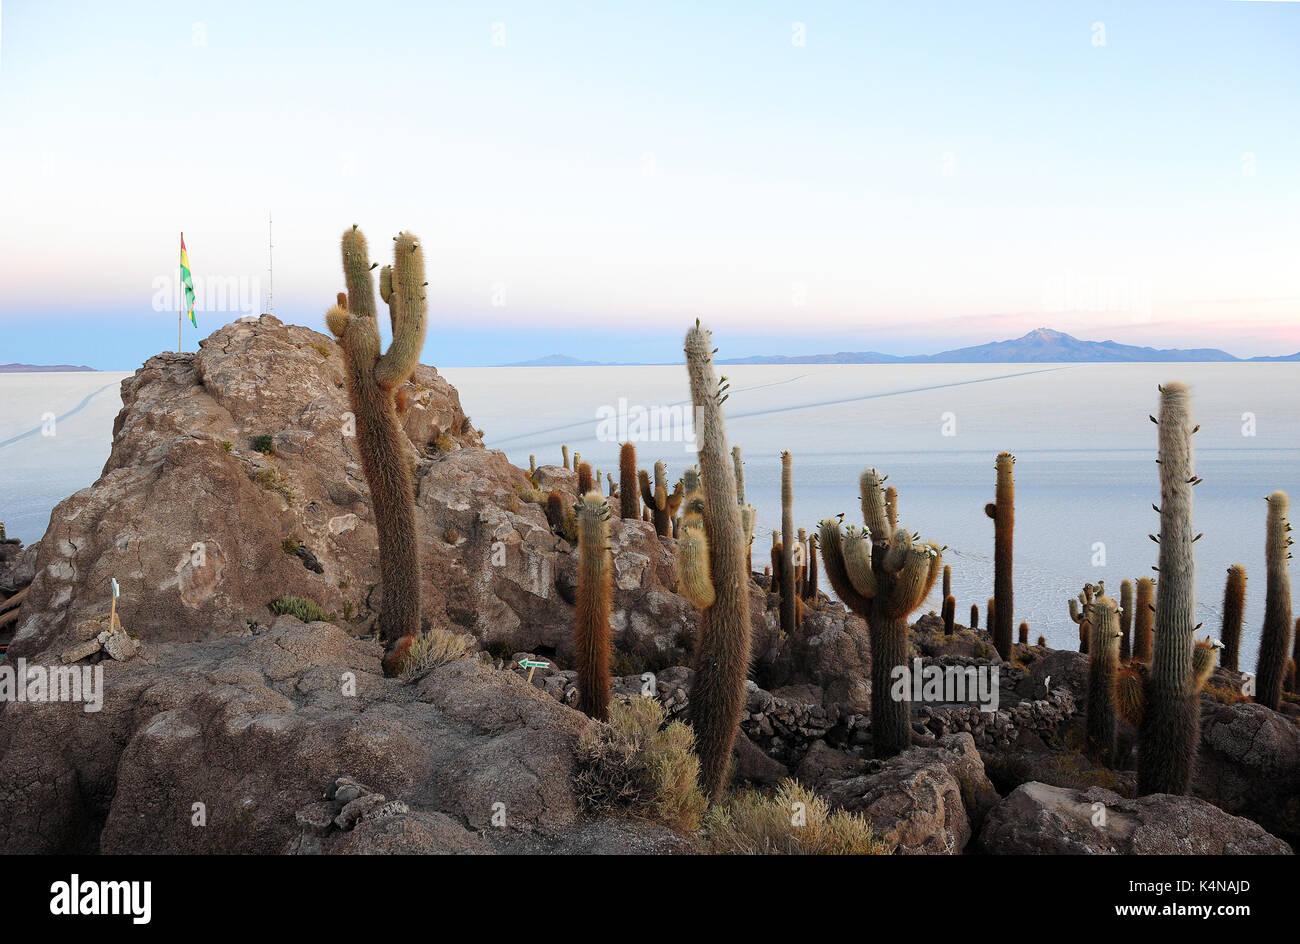 Vista del amanecer del salar de Uyuni Desde la isla del pescado, una zona montañosa y afloramiento rocoso de tierra en medio de las salinas Imagen De Stock